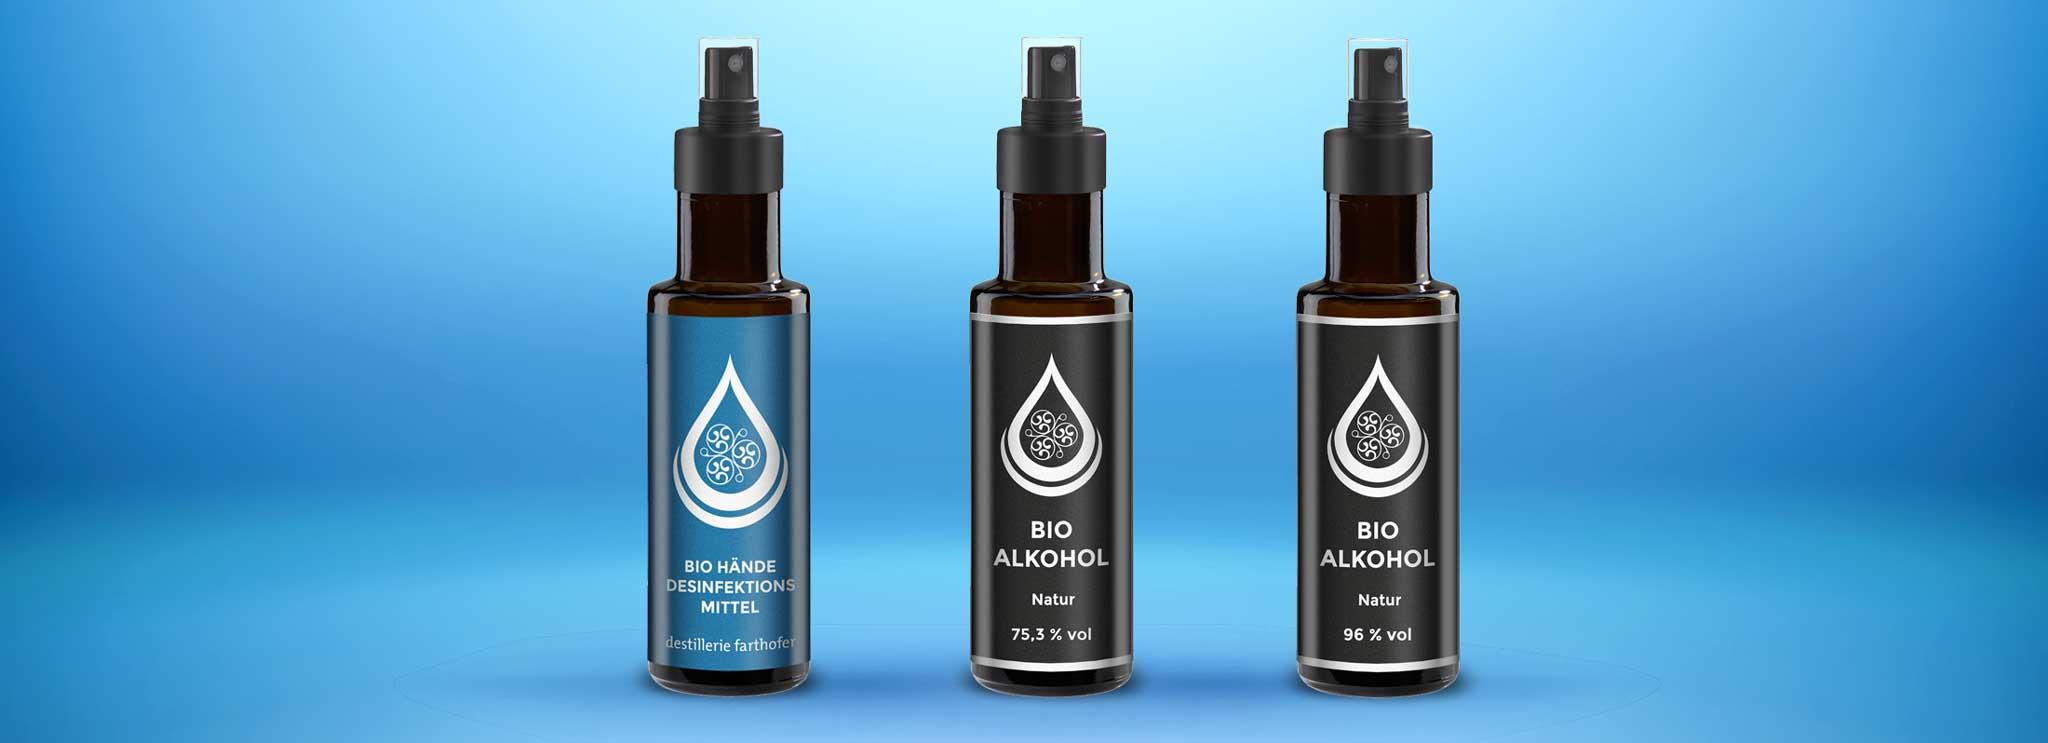 Bio Händedesinfektionsmittel & Bio Alkohol (Destillerie Farthofer)